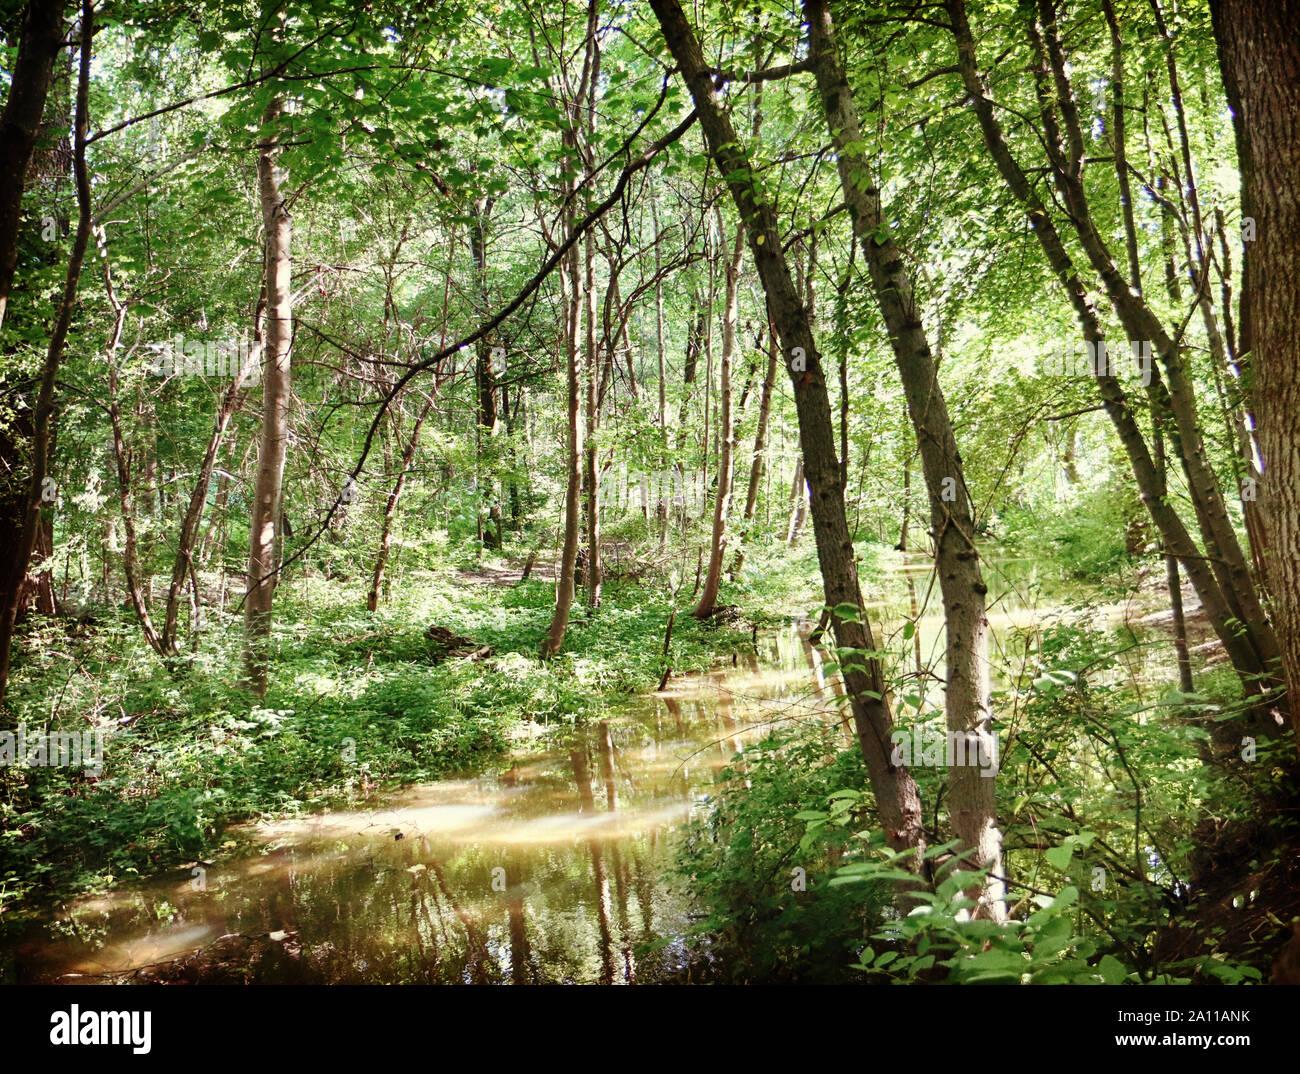 La végétation dense et luxuriante de l'été l'encadrement des eaux d'un petit canal à l'Englischer Garten à Munich, le paysage en contre-jour avec le soleil reflet o Banque D'Images